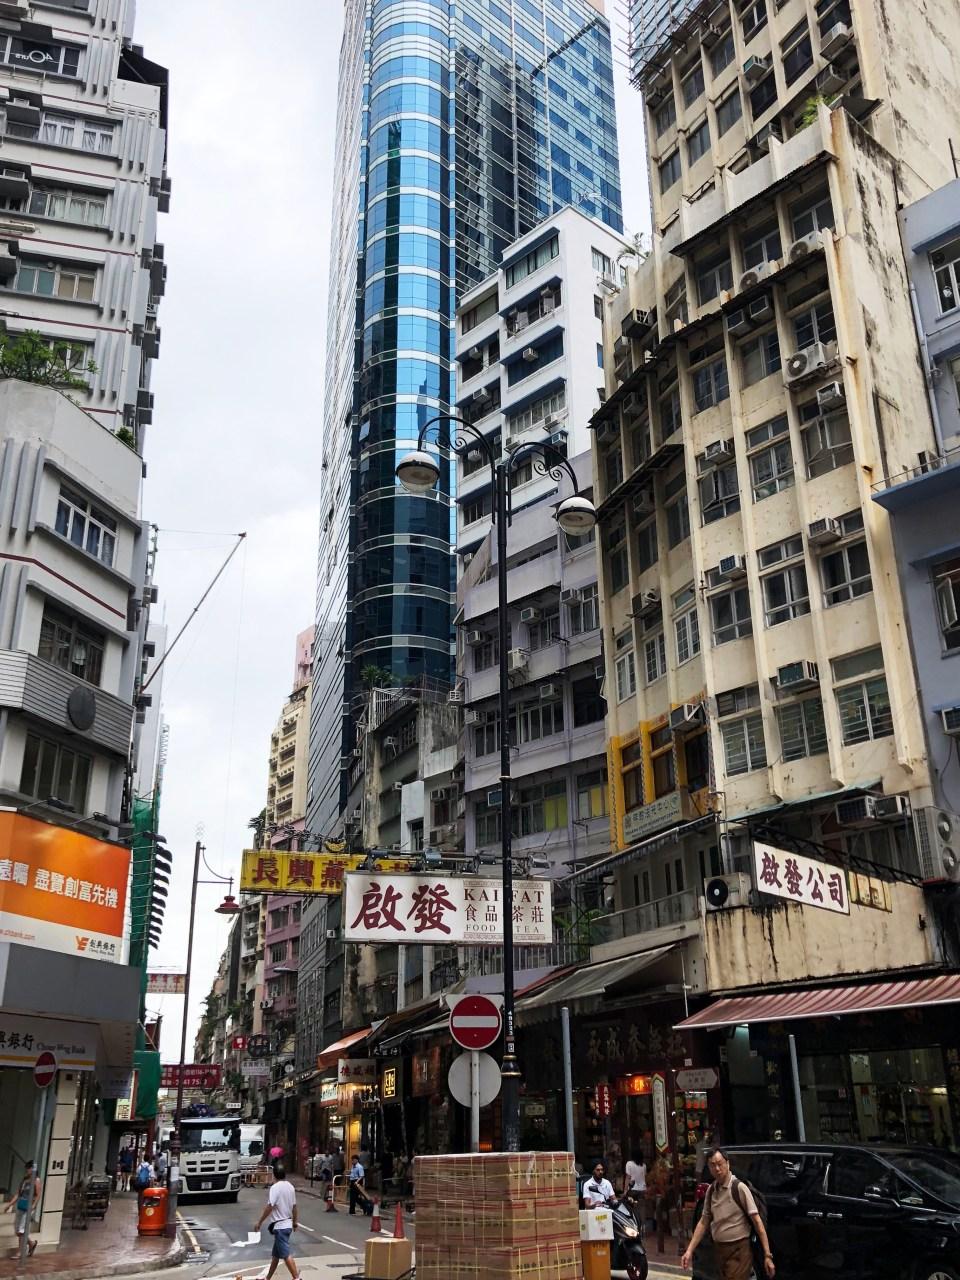 Hong Kong - Sheung Wan 1